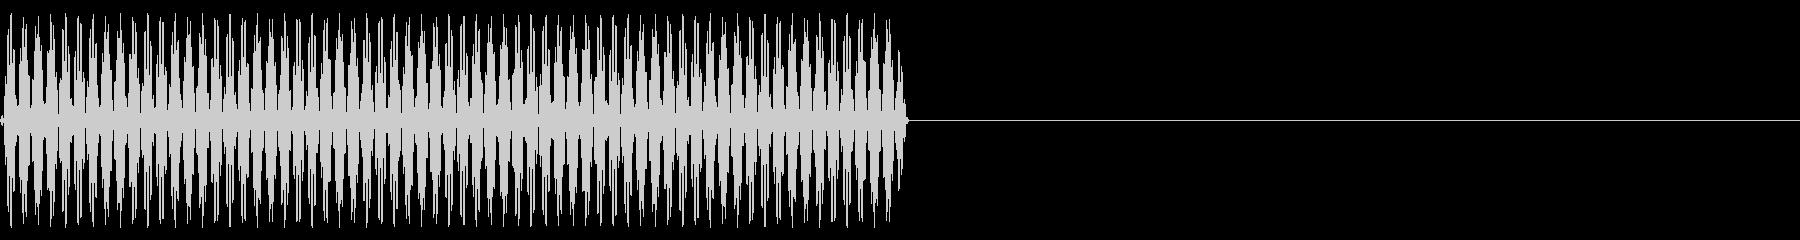 『ピッ』電話のプッシュ音(#)-単音の未再生の波形